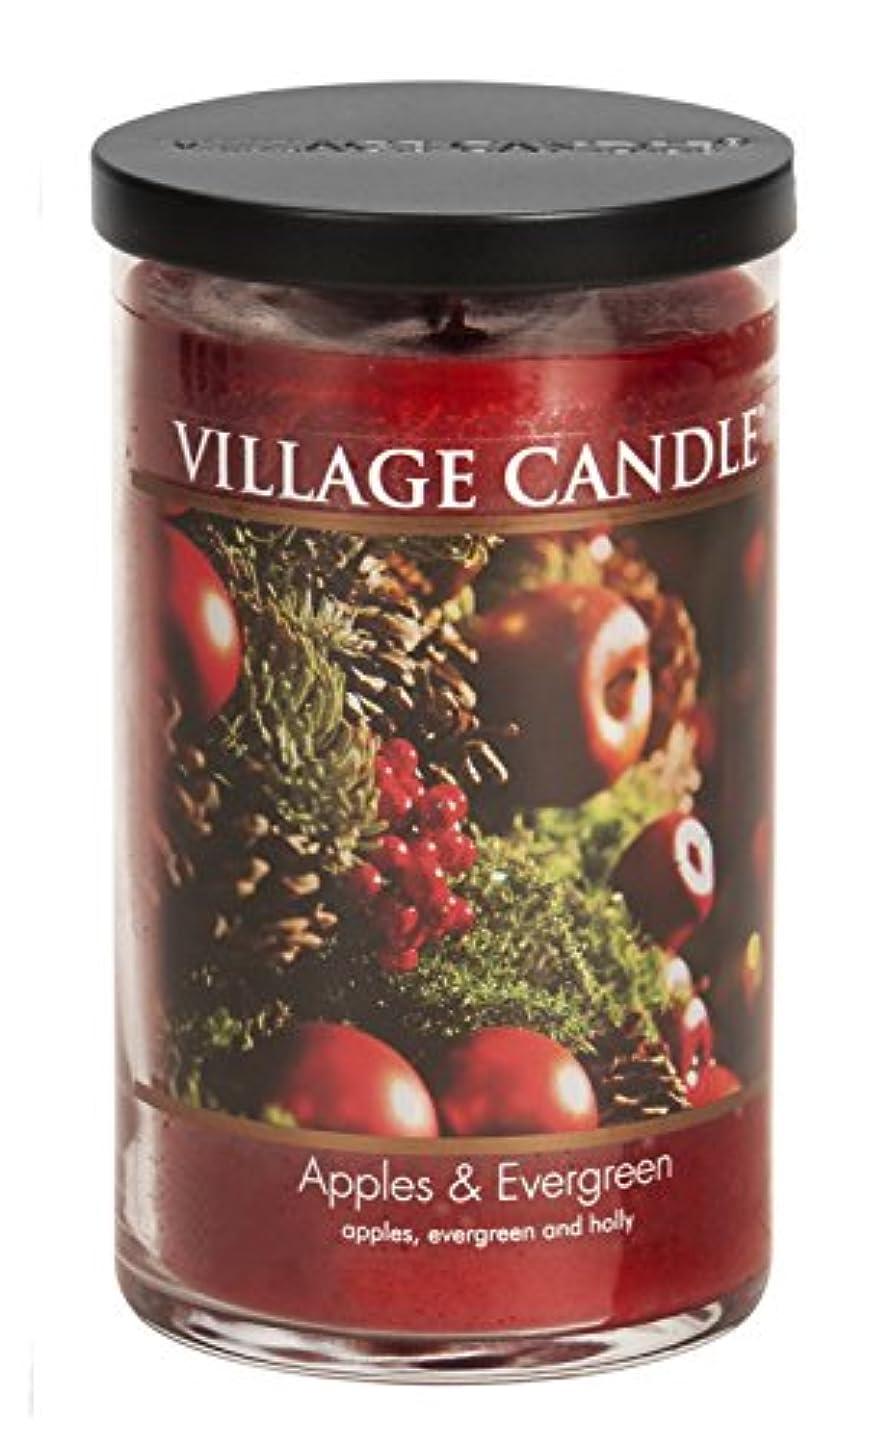 学校教育破壊する宿泊Village Candle Apples & Evergreen 24 ozガラスタンブラーScented Candle, Large